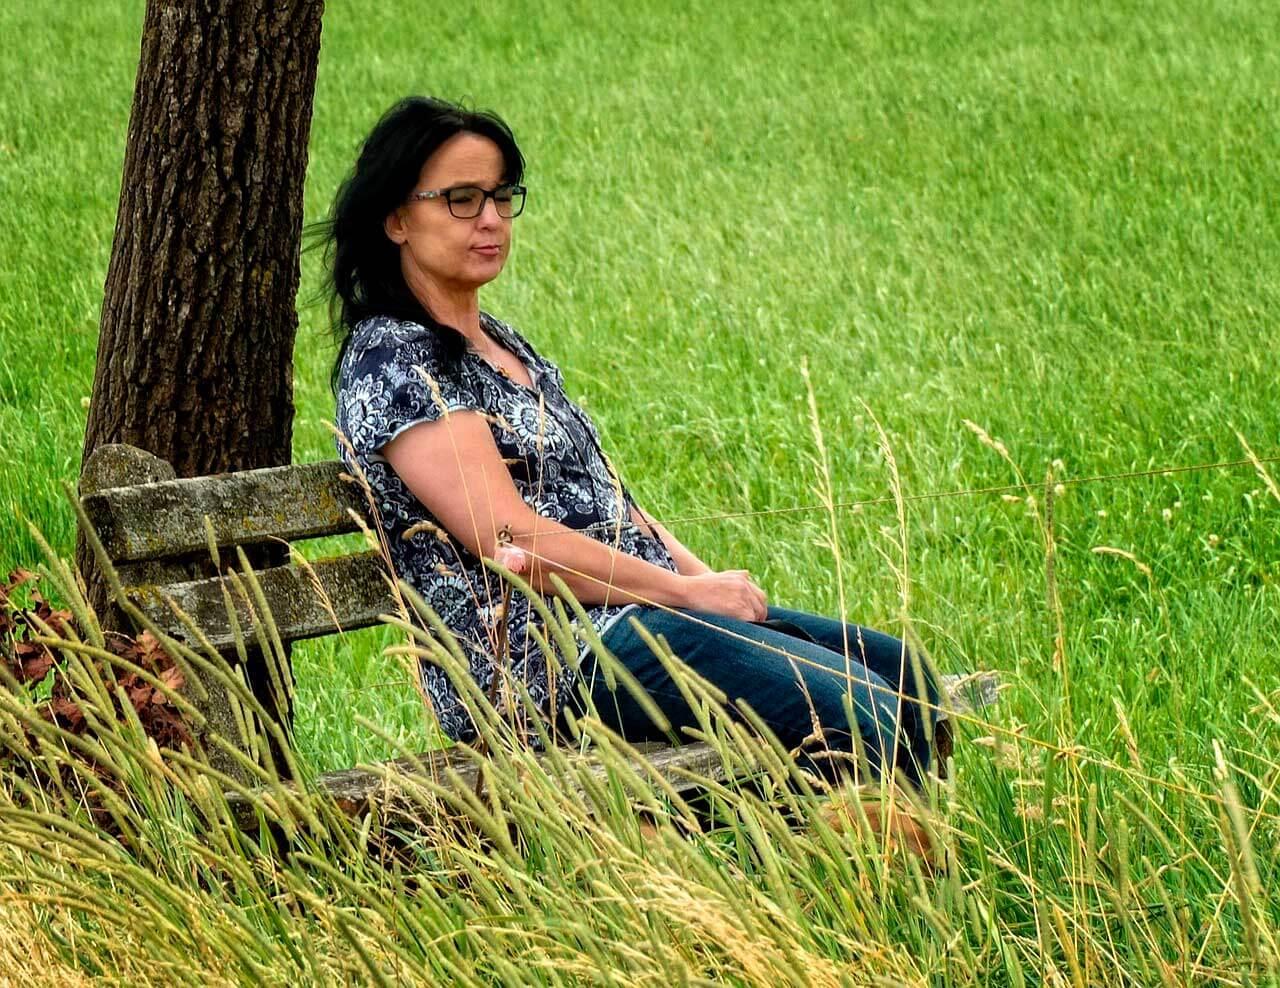 Estresse, depressão e doenças psicossomáticas